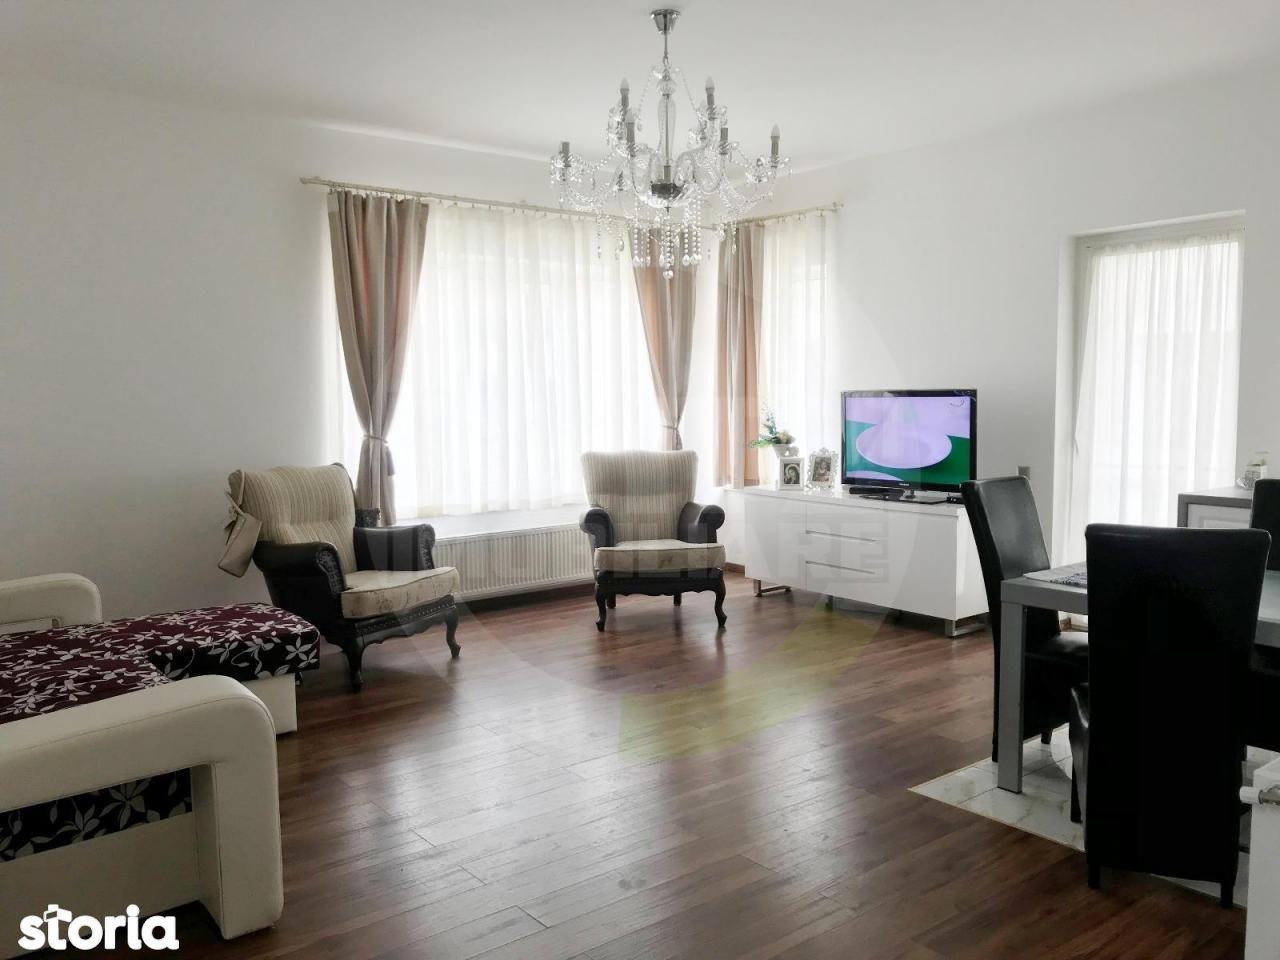 Casa de vanzare, Cluj-Napoca, Cluj, Manastur - Foto 1